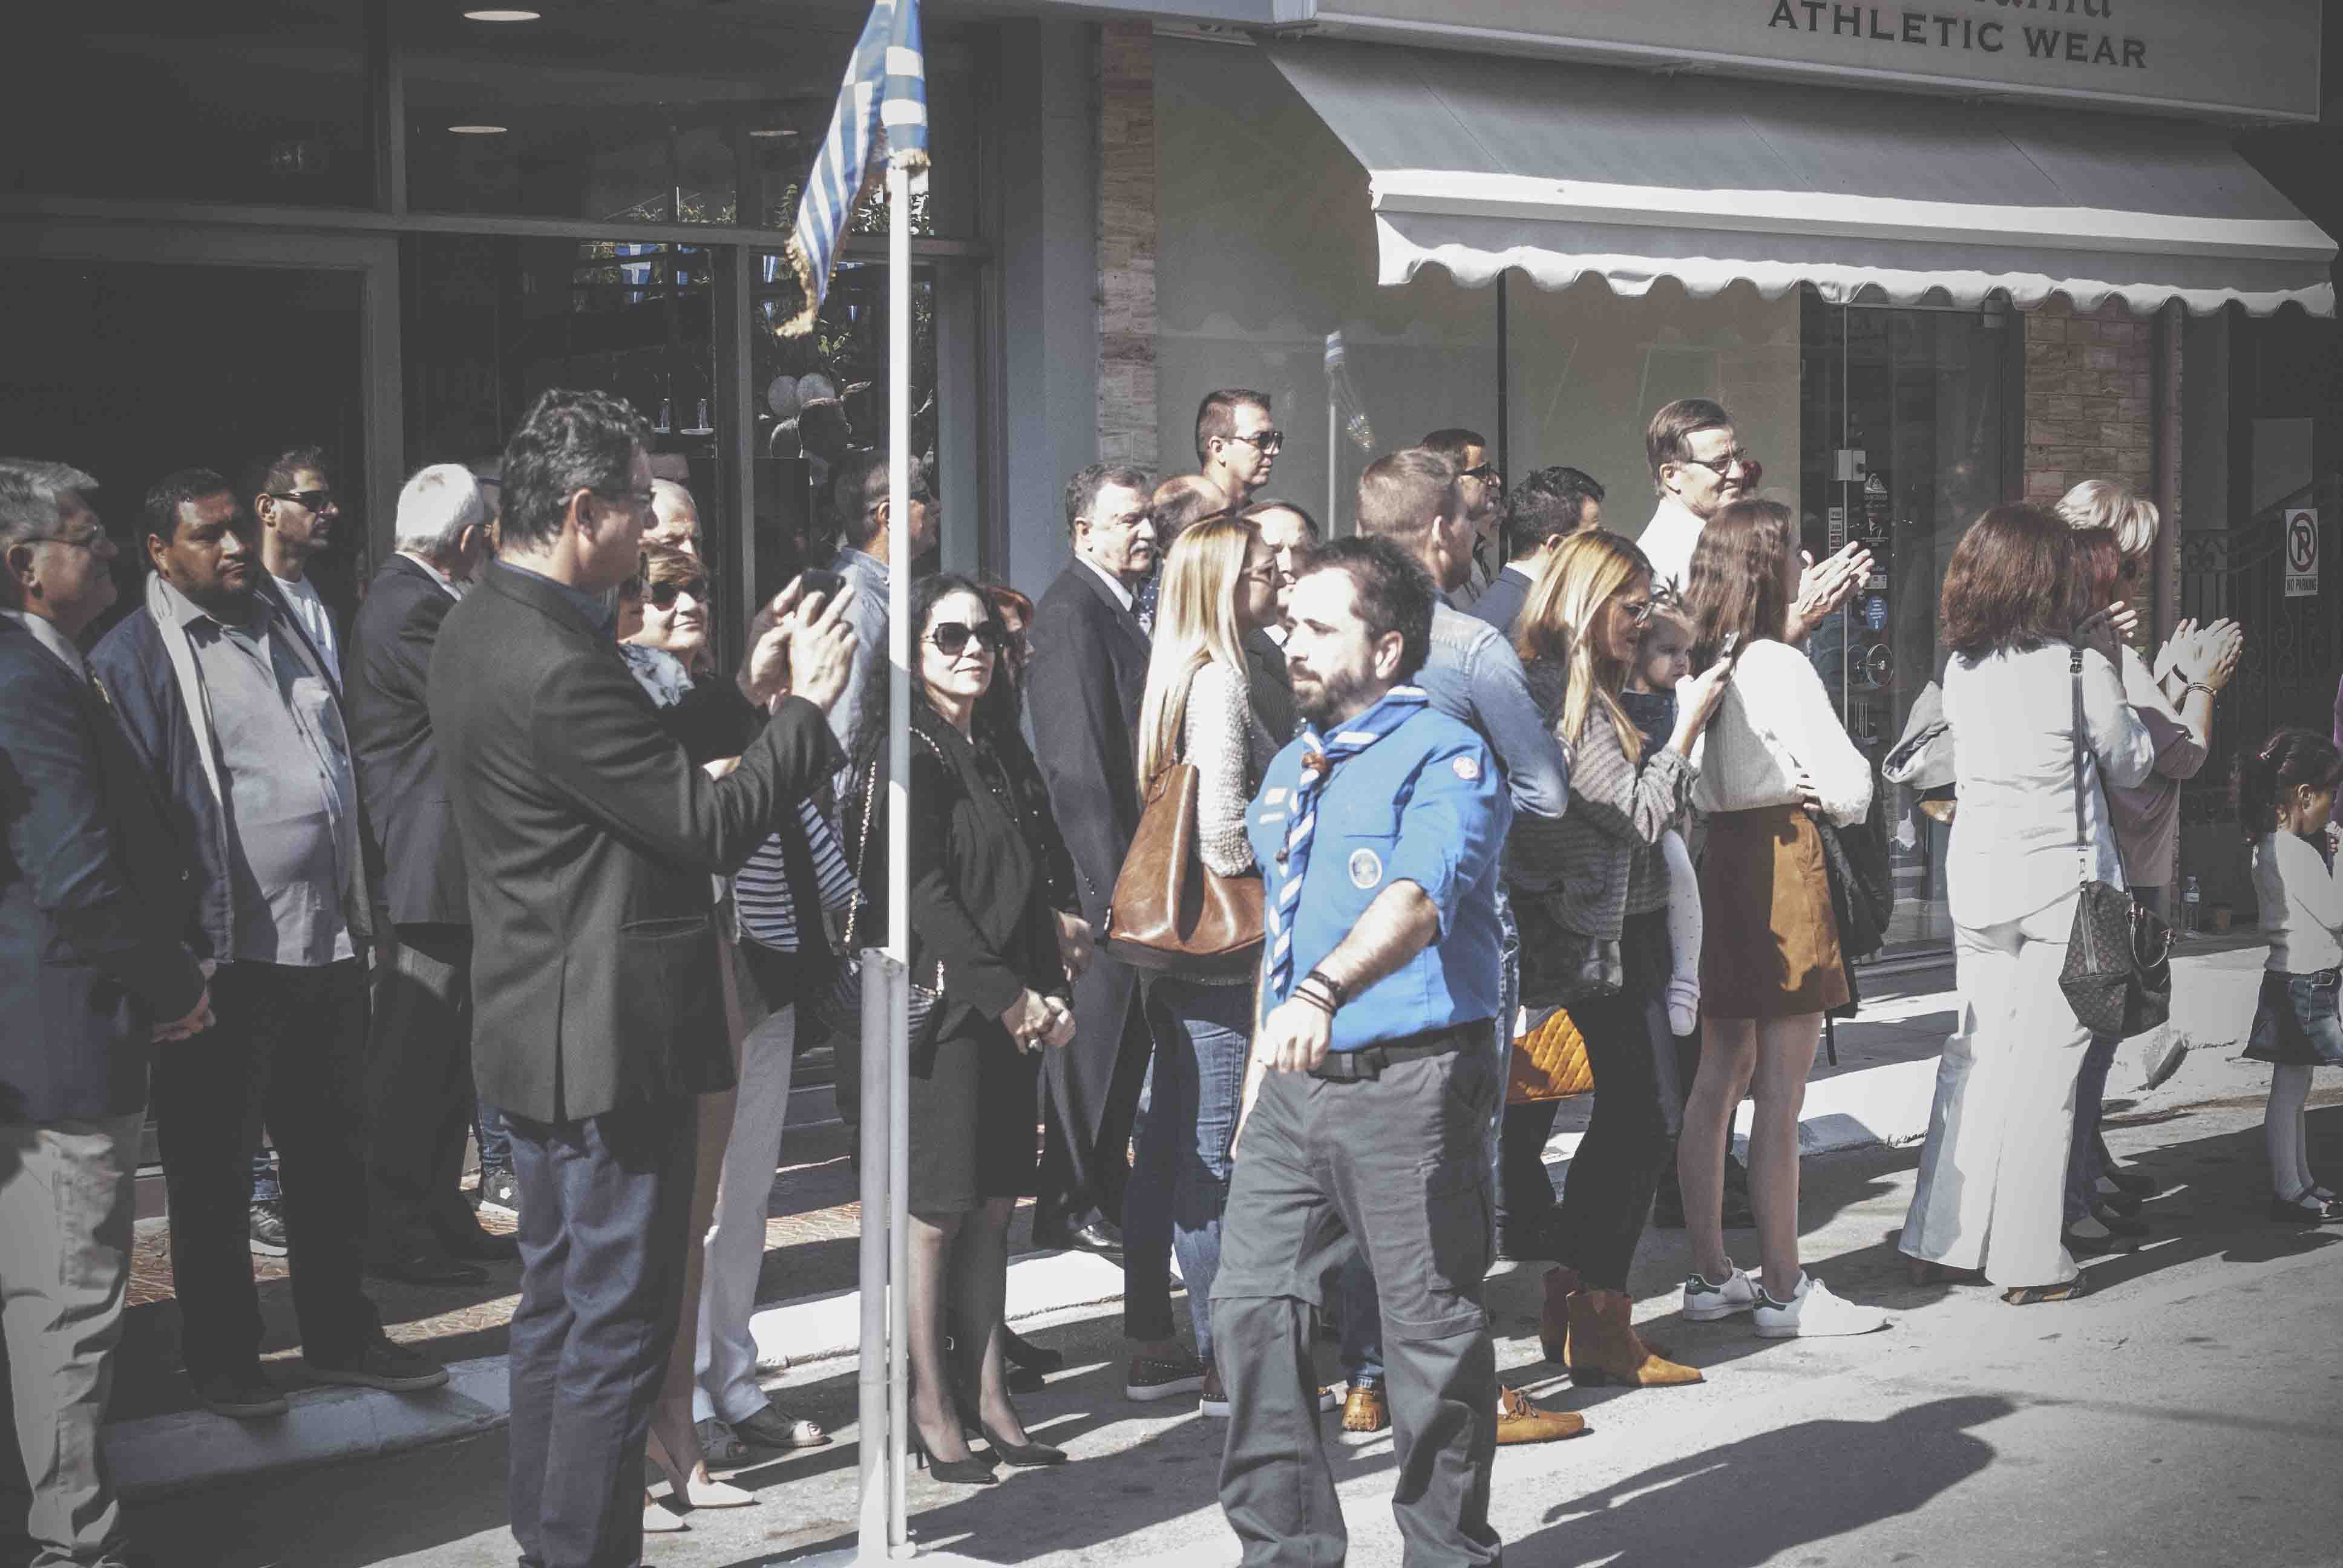 Η παρέλαση της 28ης Οκτωβρίου σε Καστέλλα και Ψαχνά (φωτό) DSC 0341